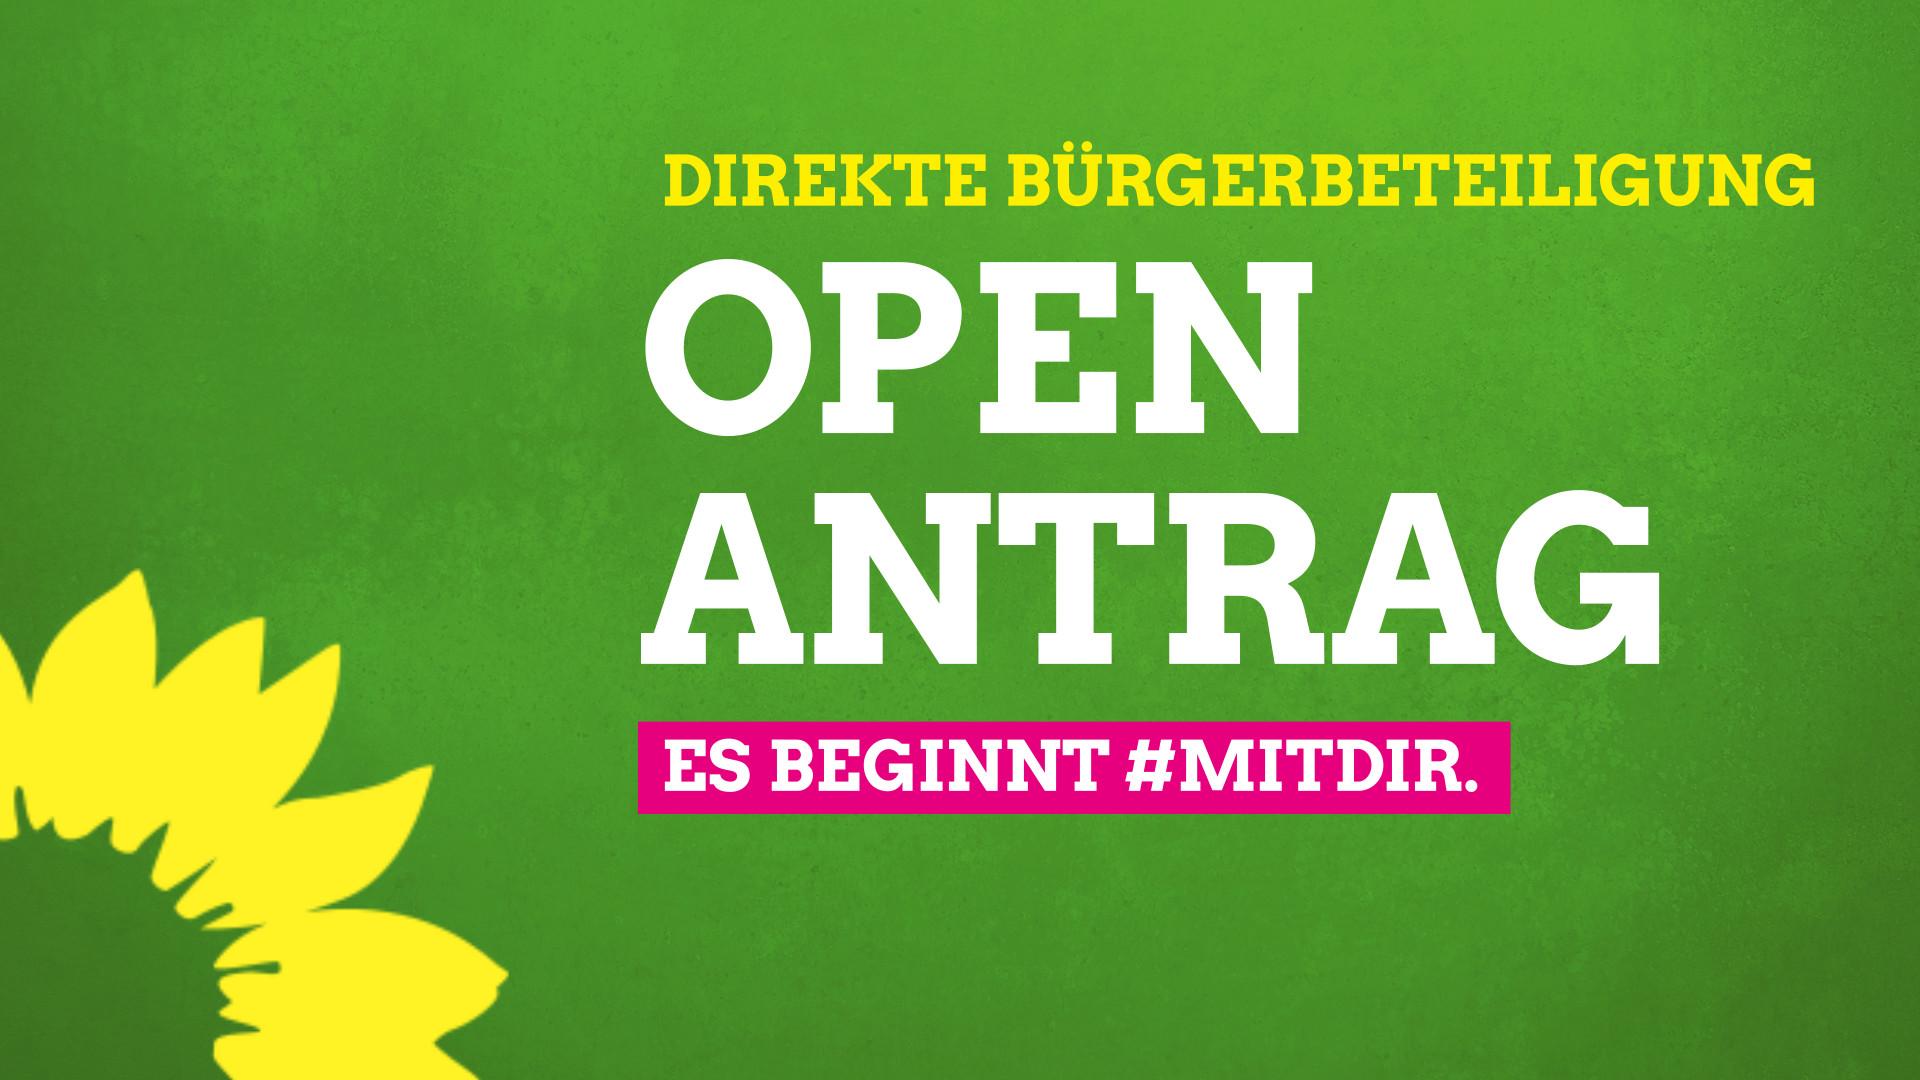 """Direkte Bürgerbeteiligung über """"Open Antrag"""" Grüne in Emden richten Möglichkeit zum Einreichen von Anträgen für alle Bürger*innen ein."""